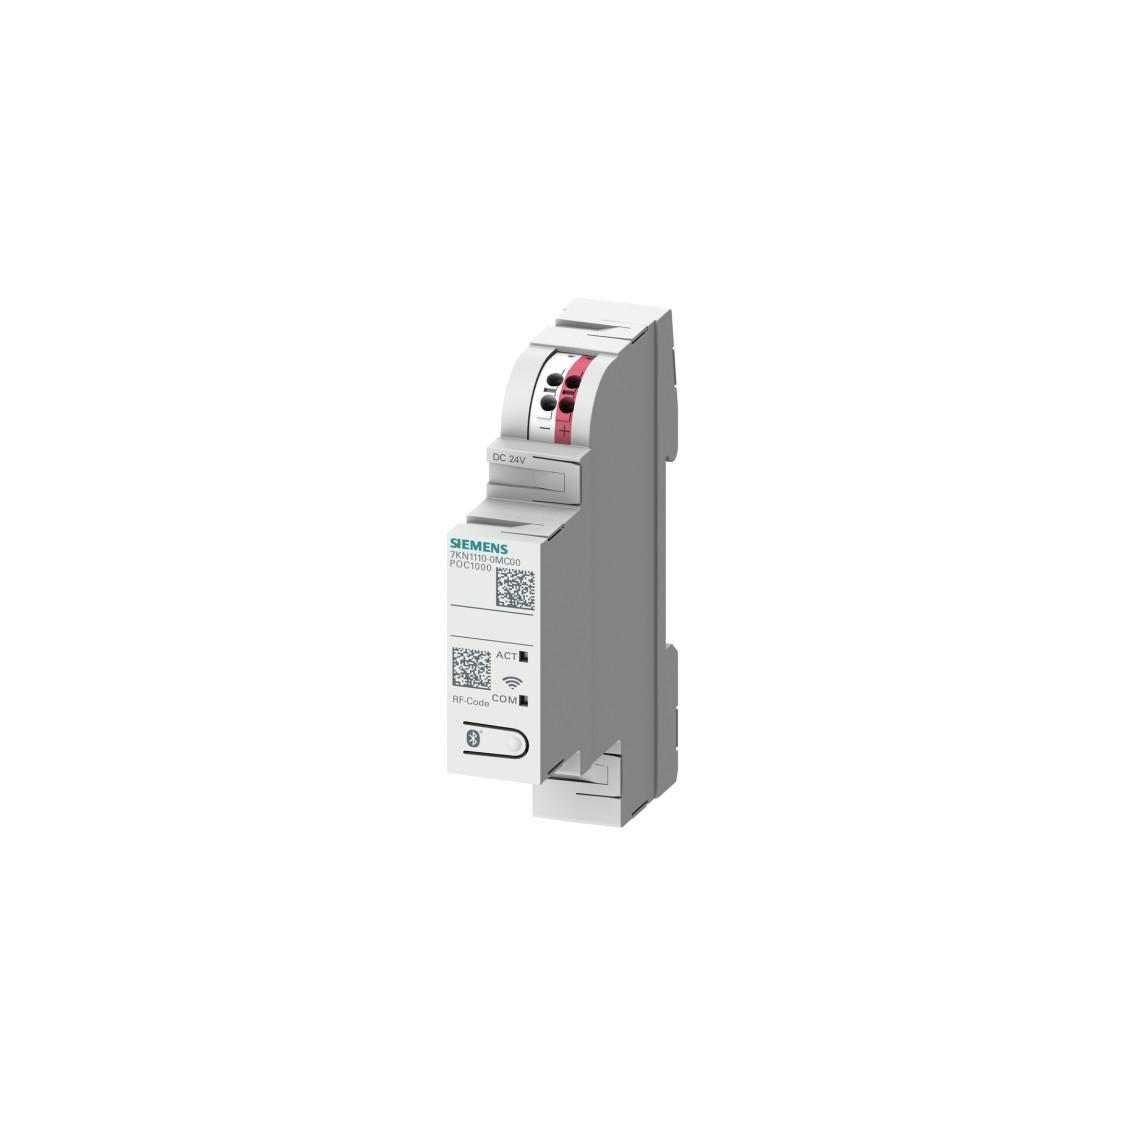 7KN Powercenter 1000 data transceiver